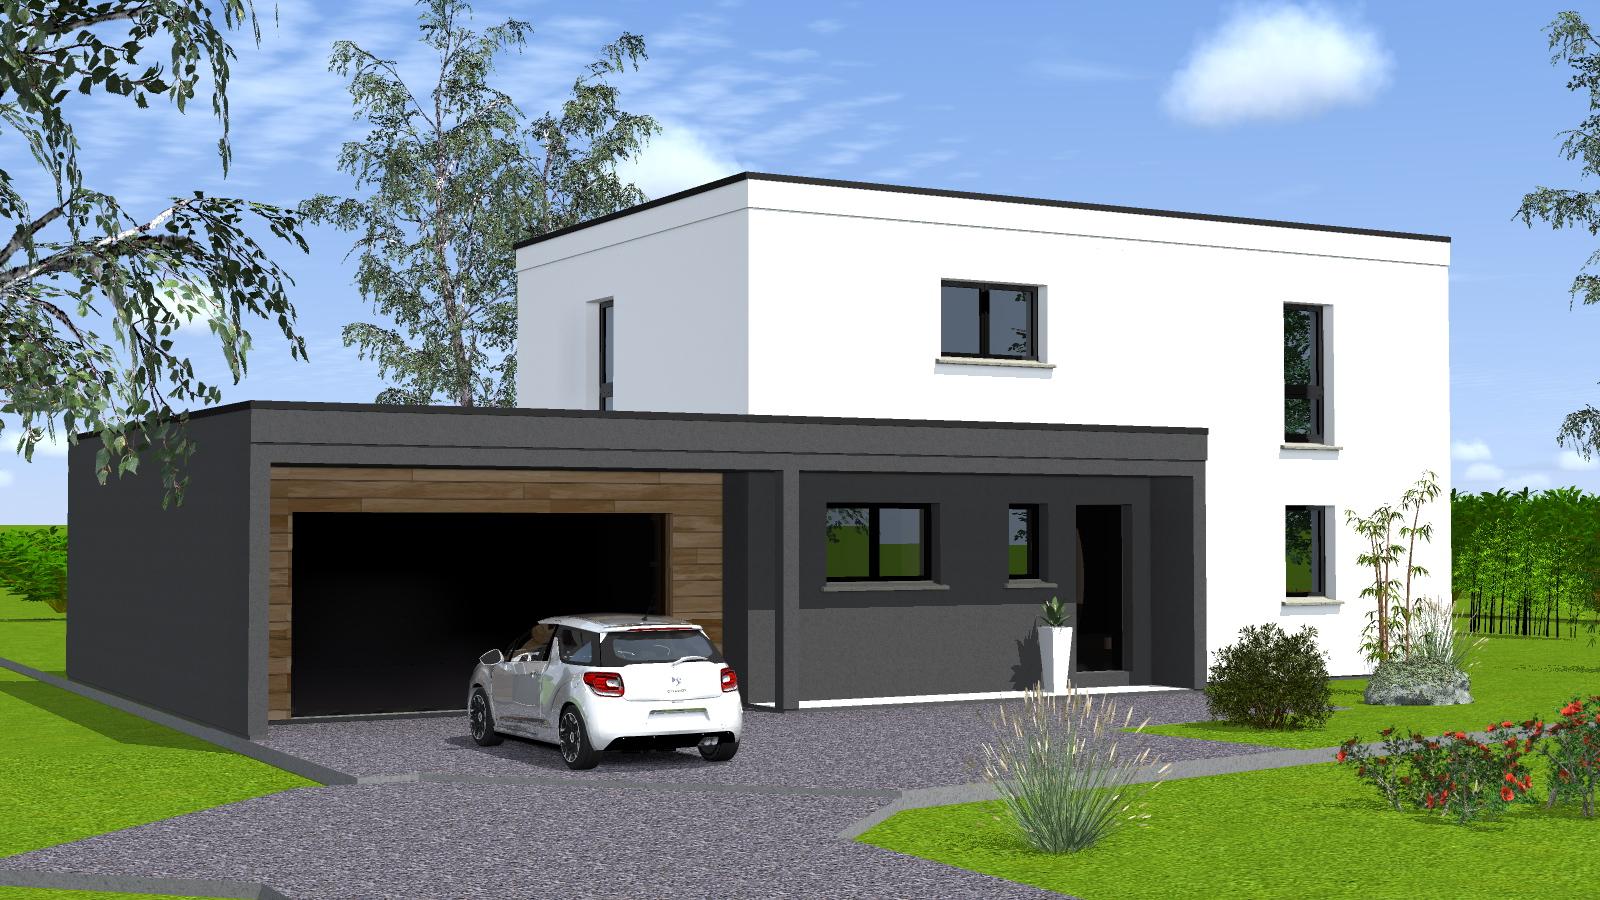 Maison toit plat sans etage ventana blog - Plan de maison sans toit ...